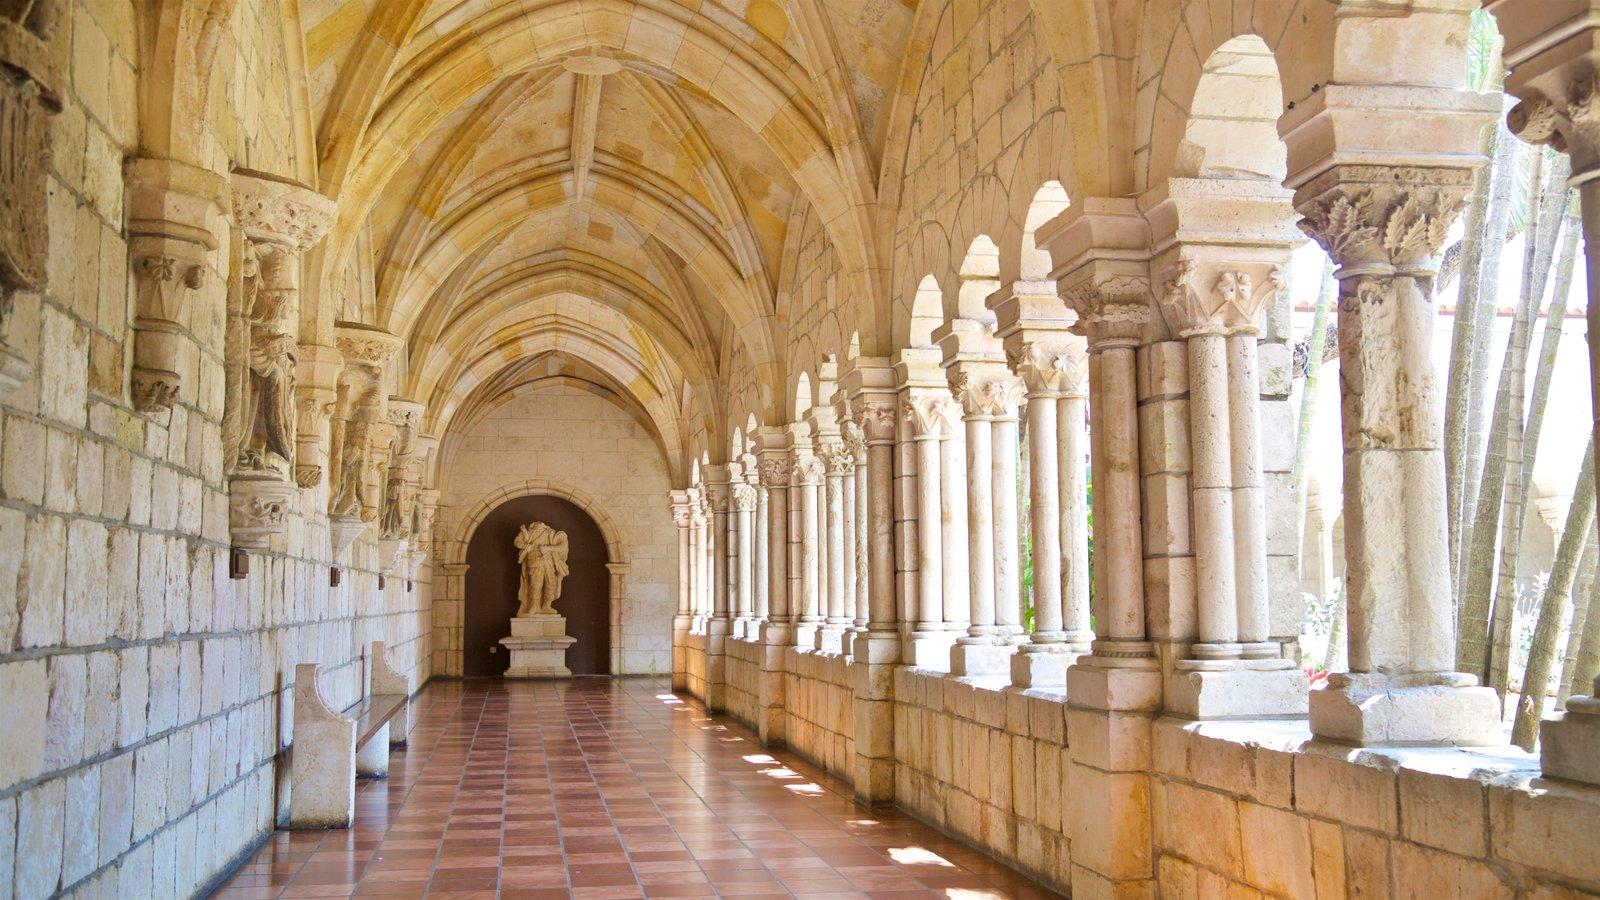 Antigo Mosteiro Espanhol mostrando vistas internas e elementos de patrimônio